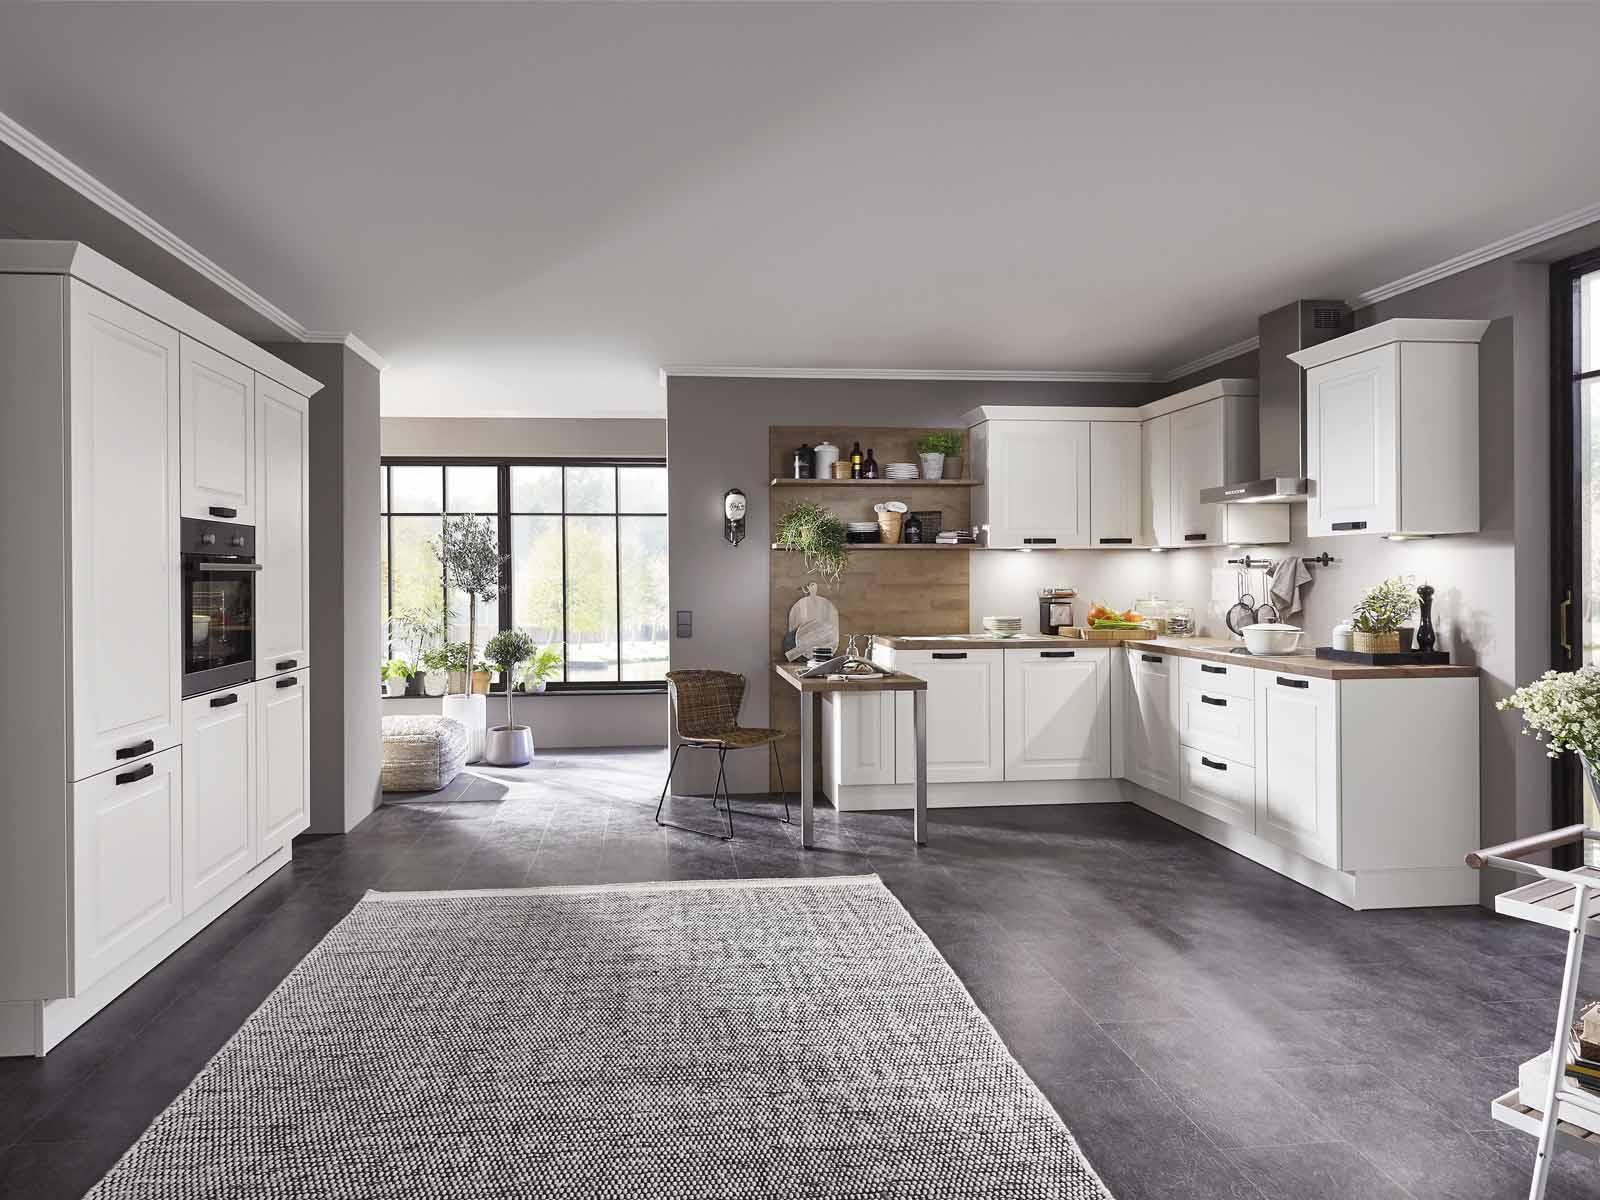 Classic Kitchen Küchentime Sylt 849